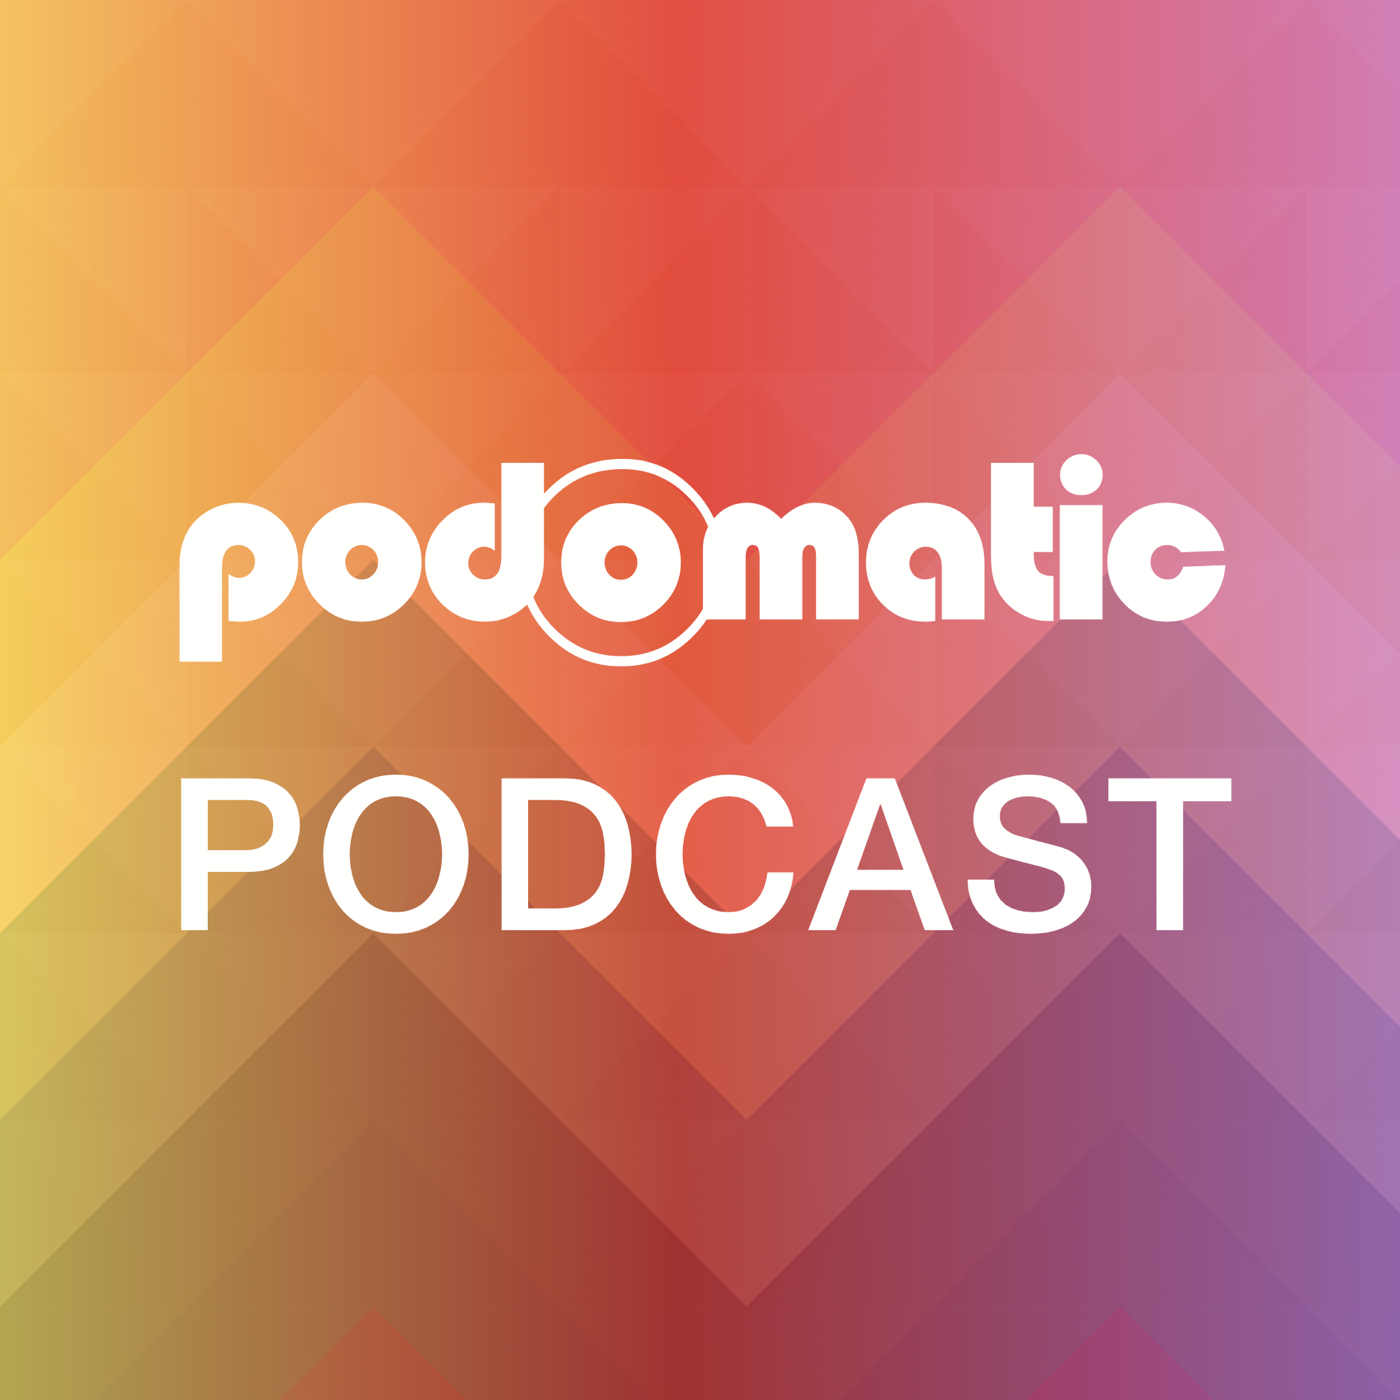 equipototti's Podcast